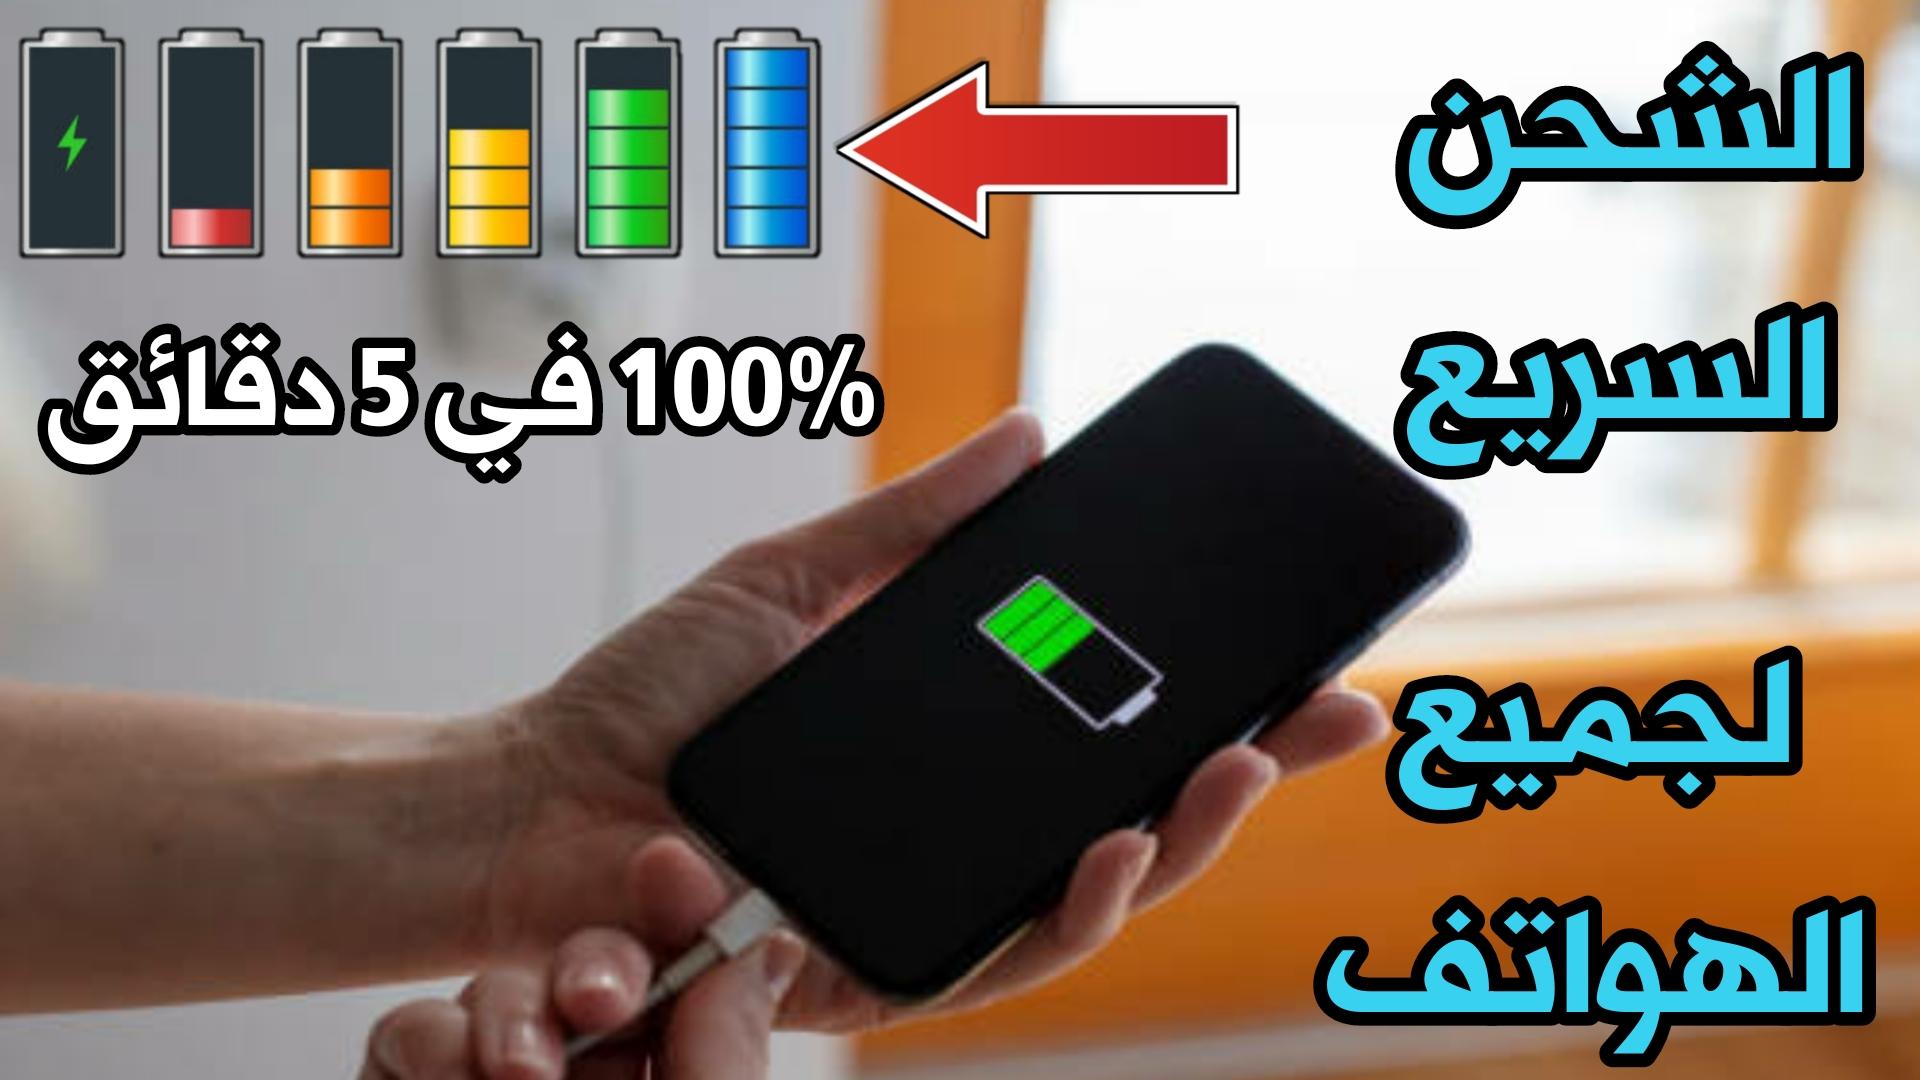 الشحن السريع لجميع الهواتف المحمولة